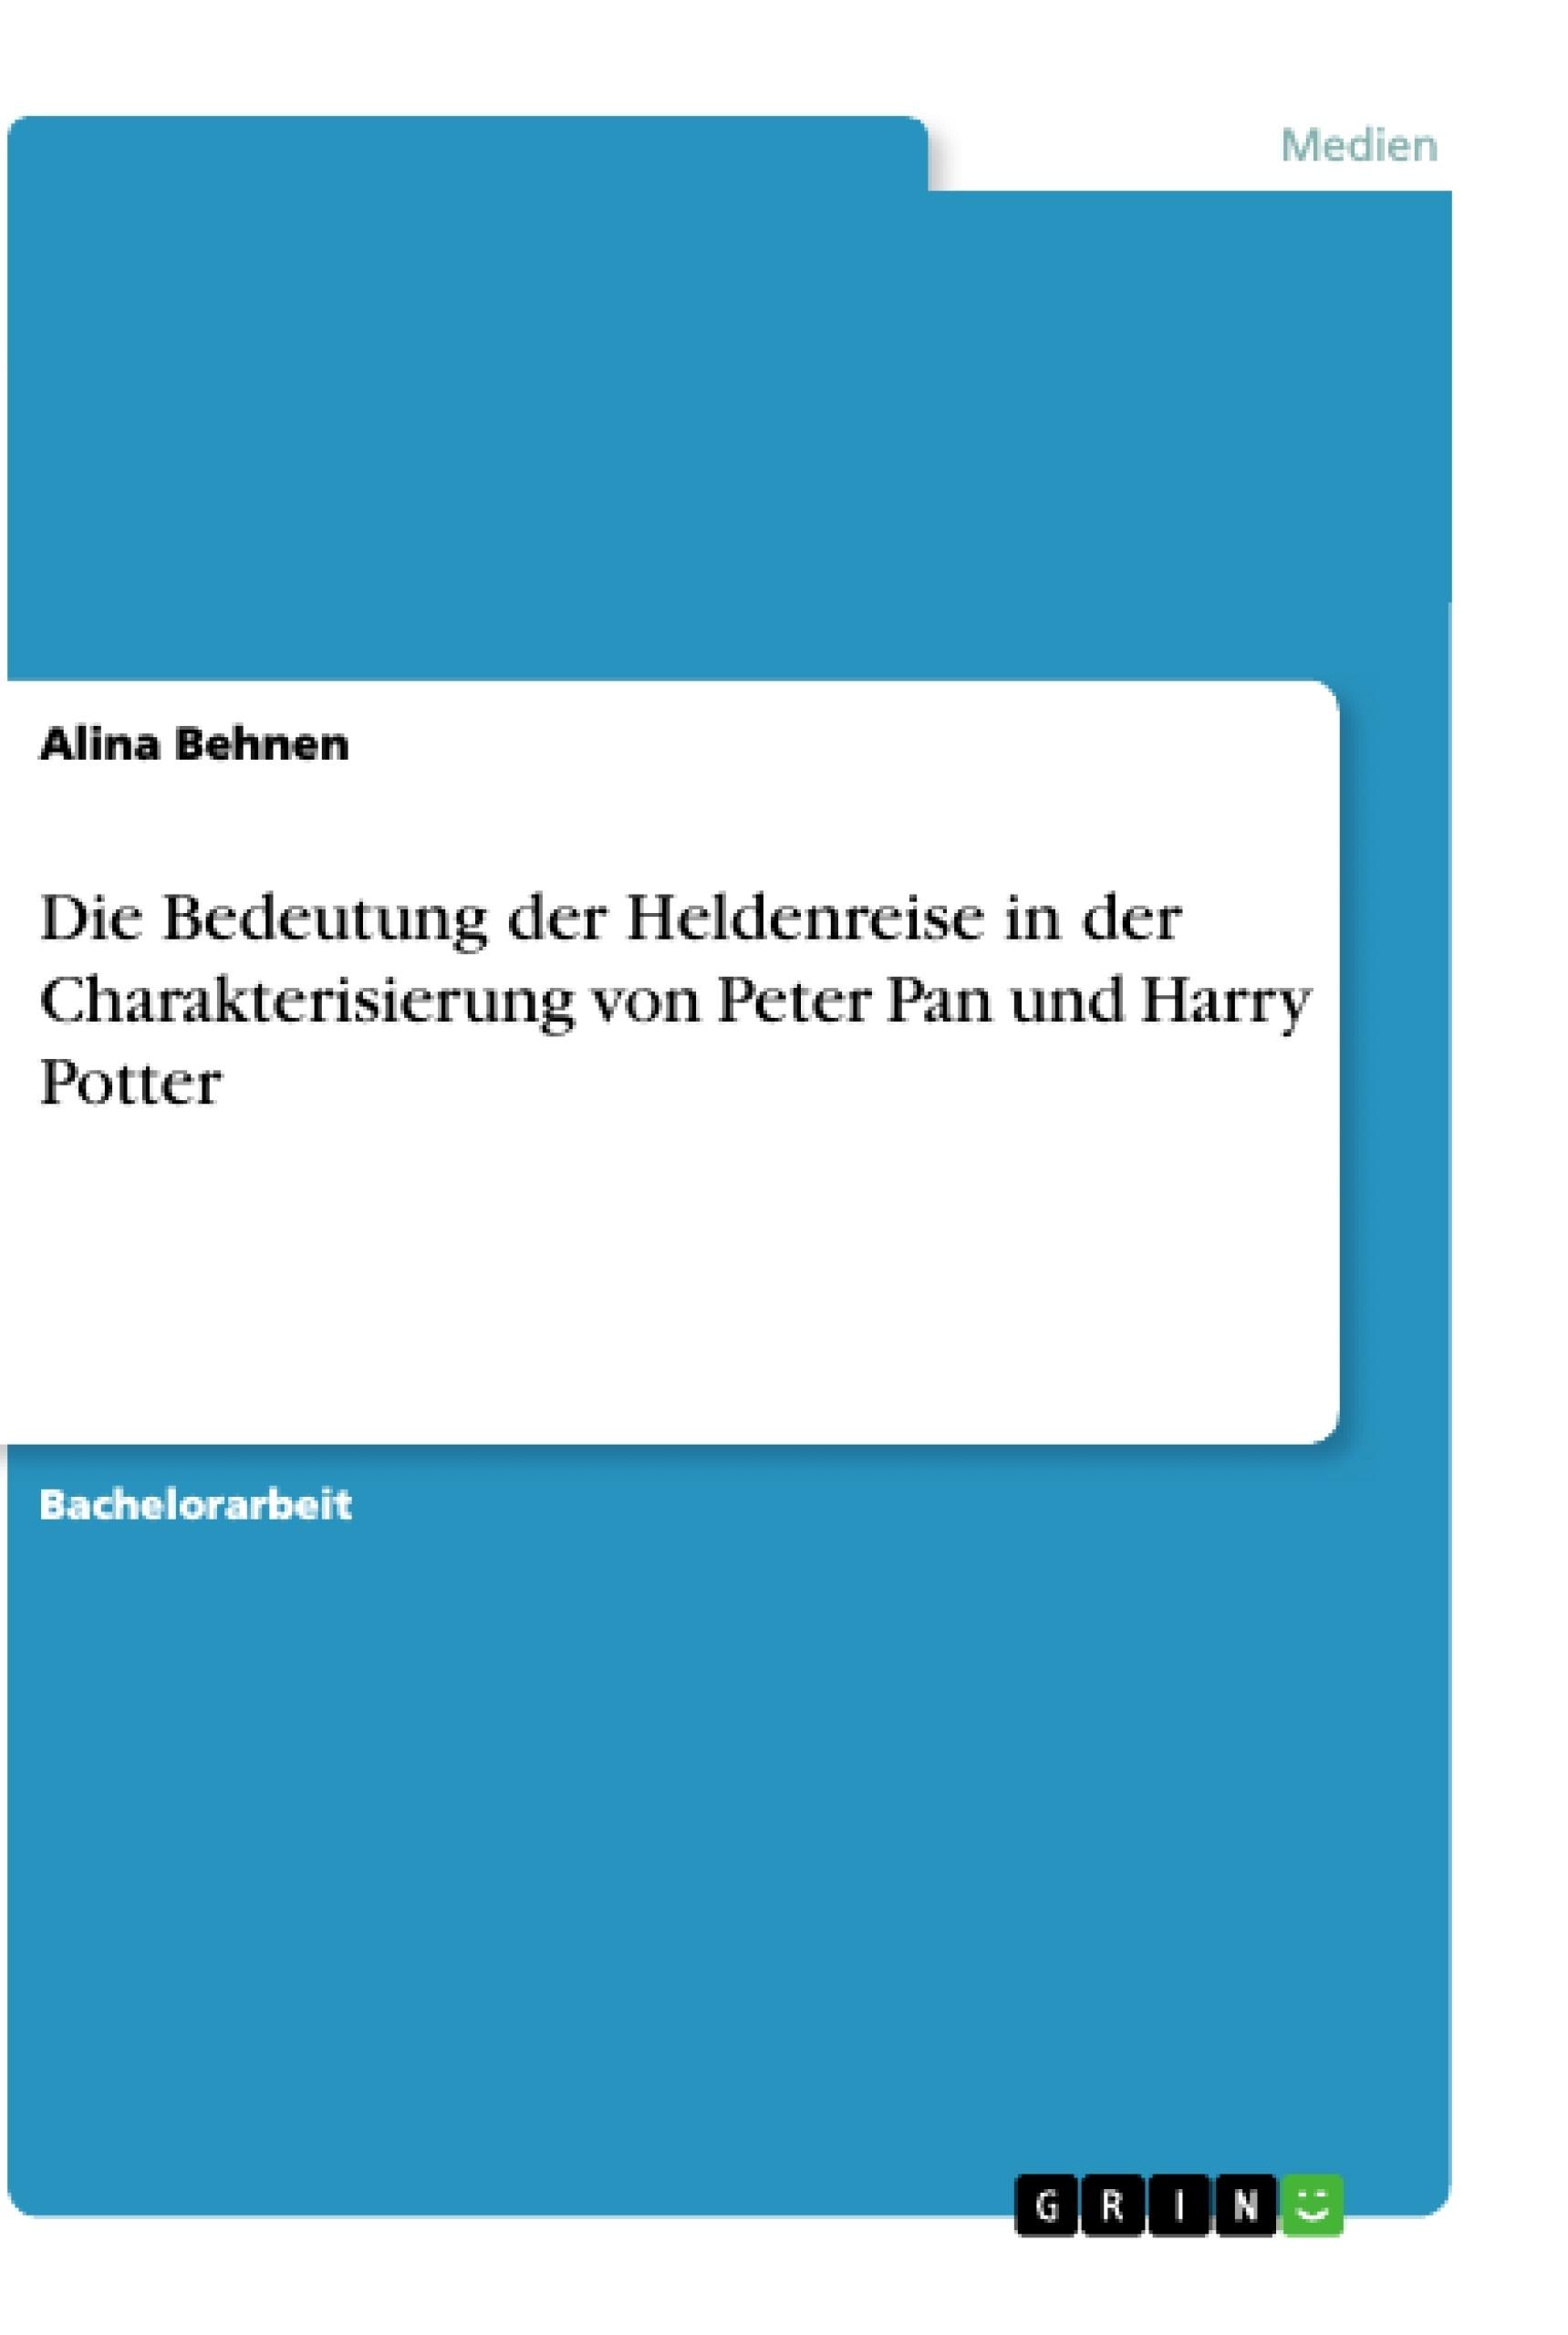 Titel: Die Bedeutung der Heldenreise in der Charakterisierung von Peter Pan und Harry Potter